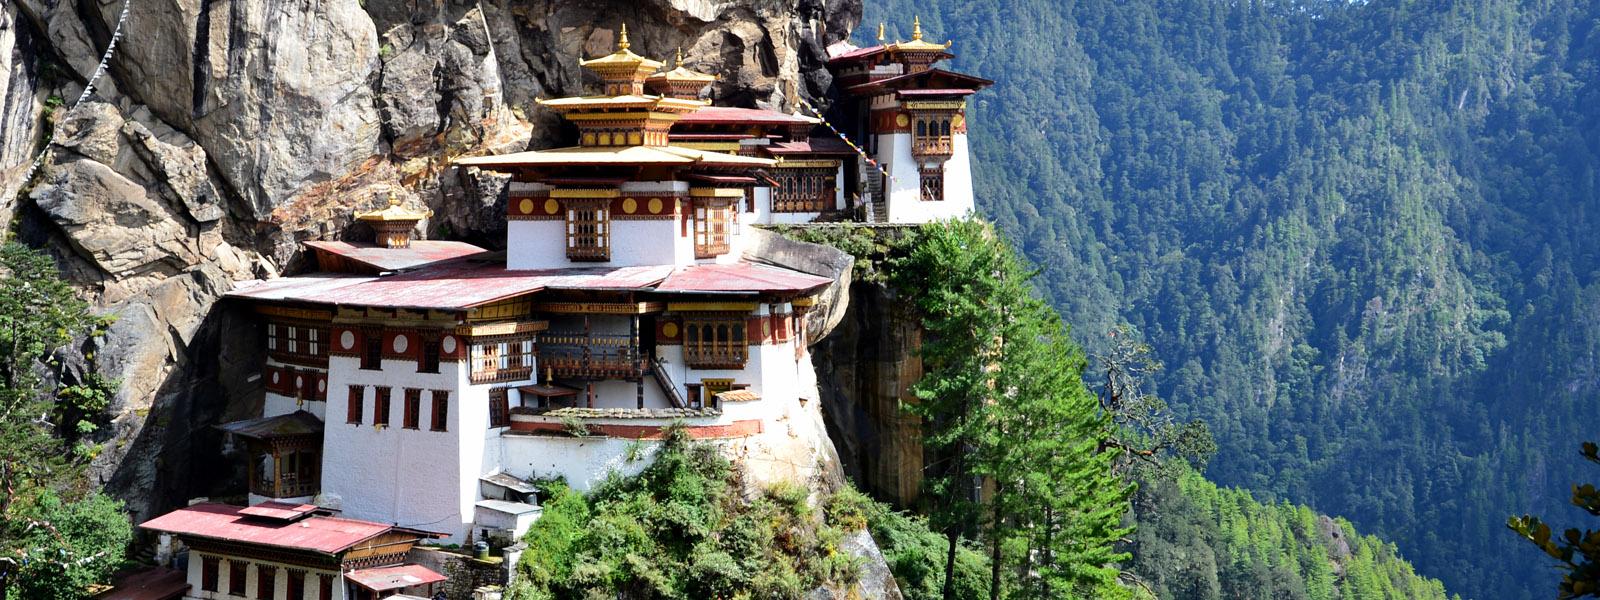 Taktsang, Tiger's Nest Monastery